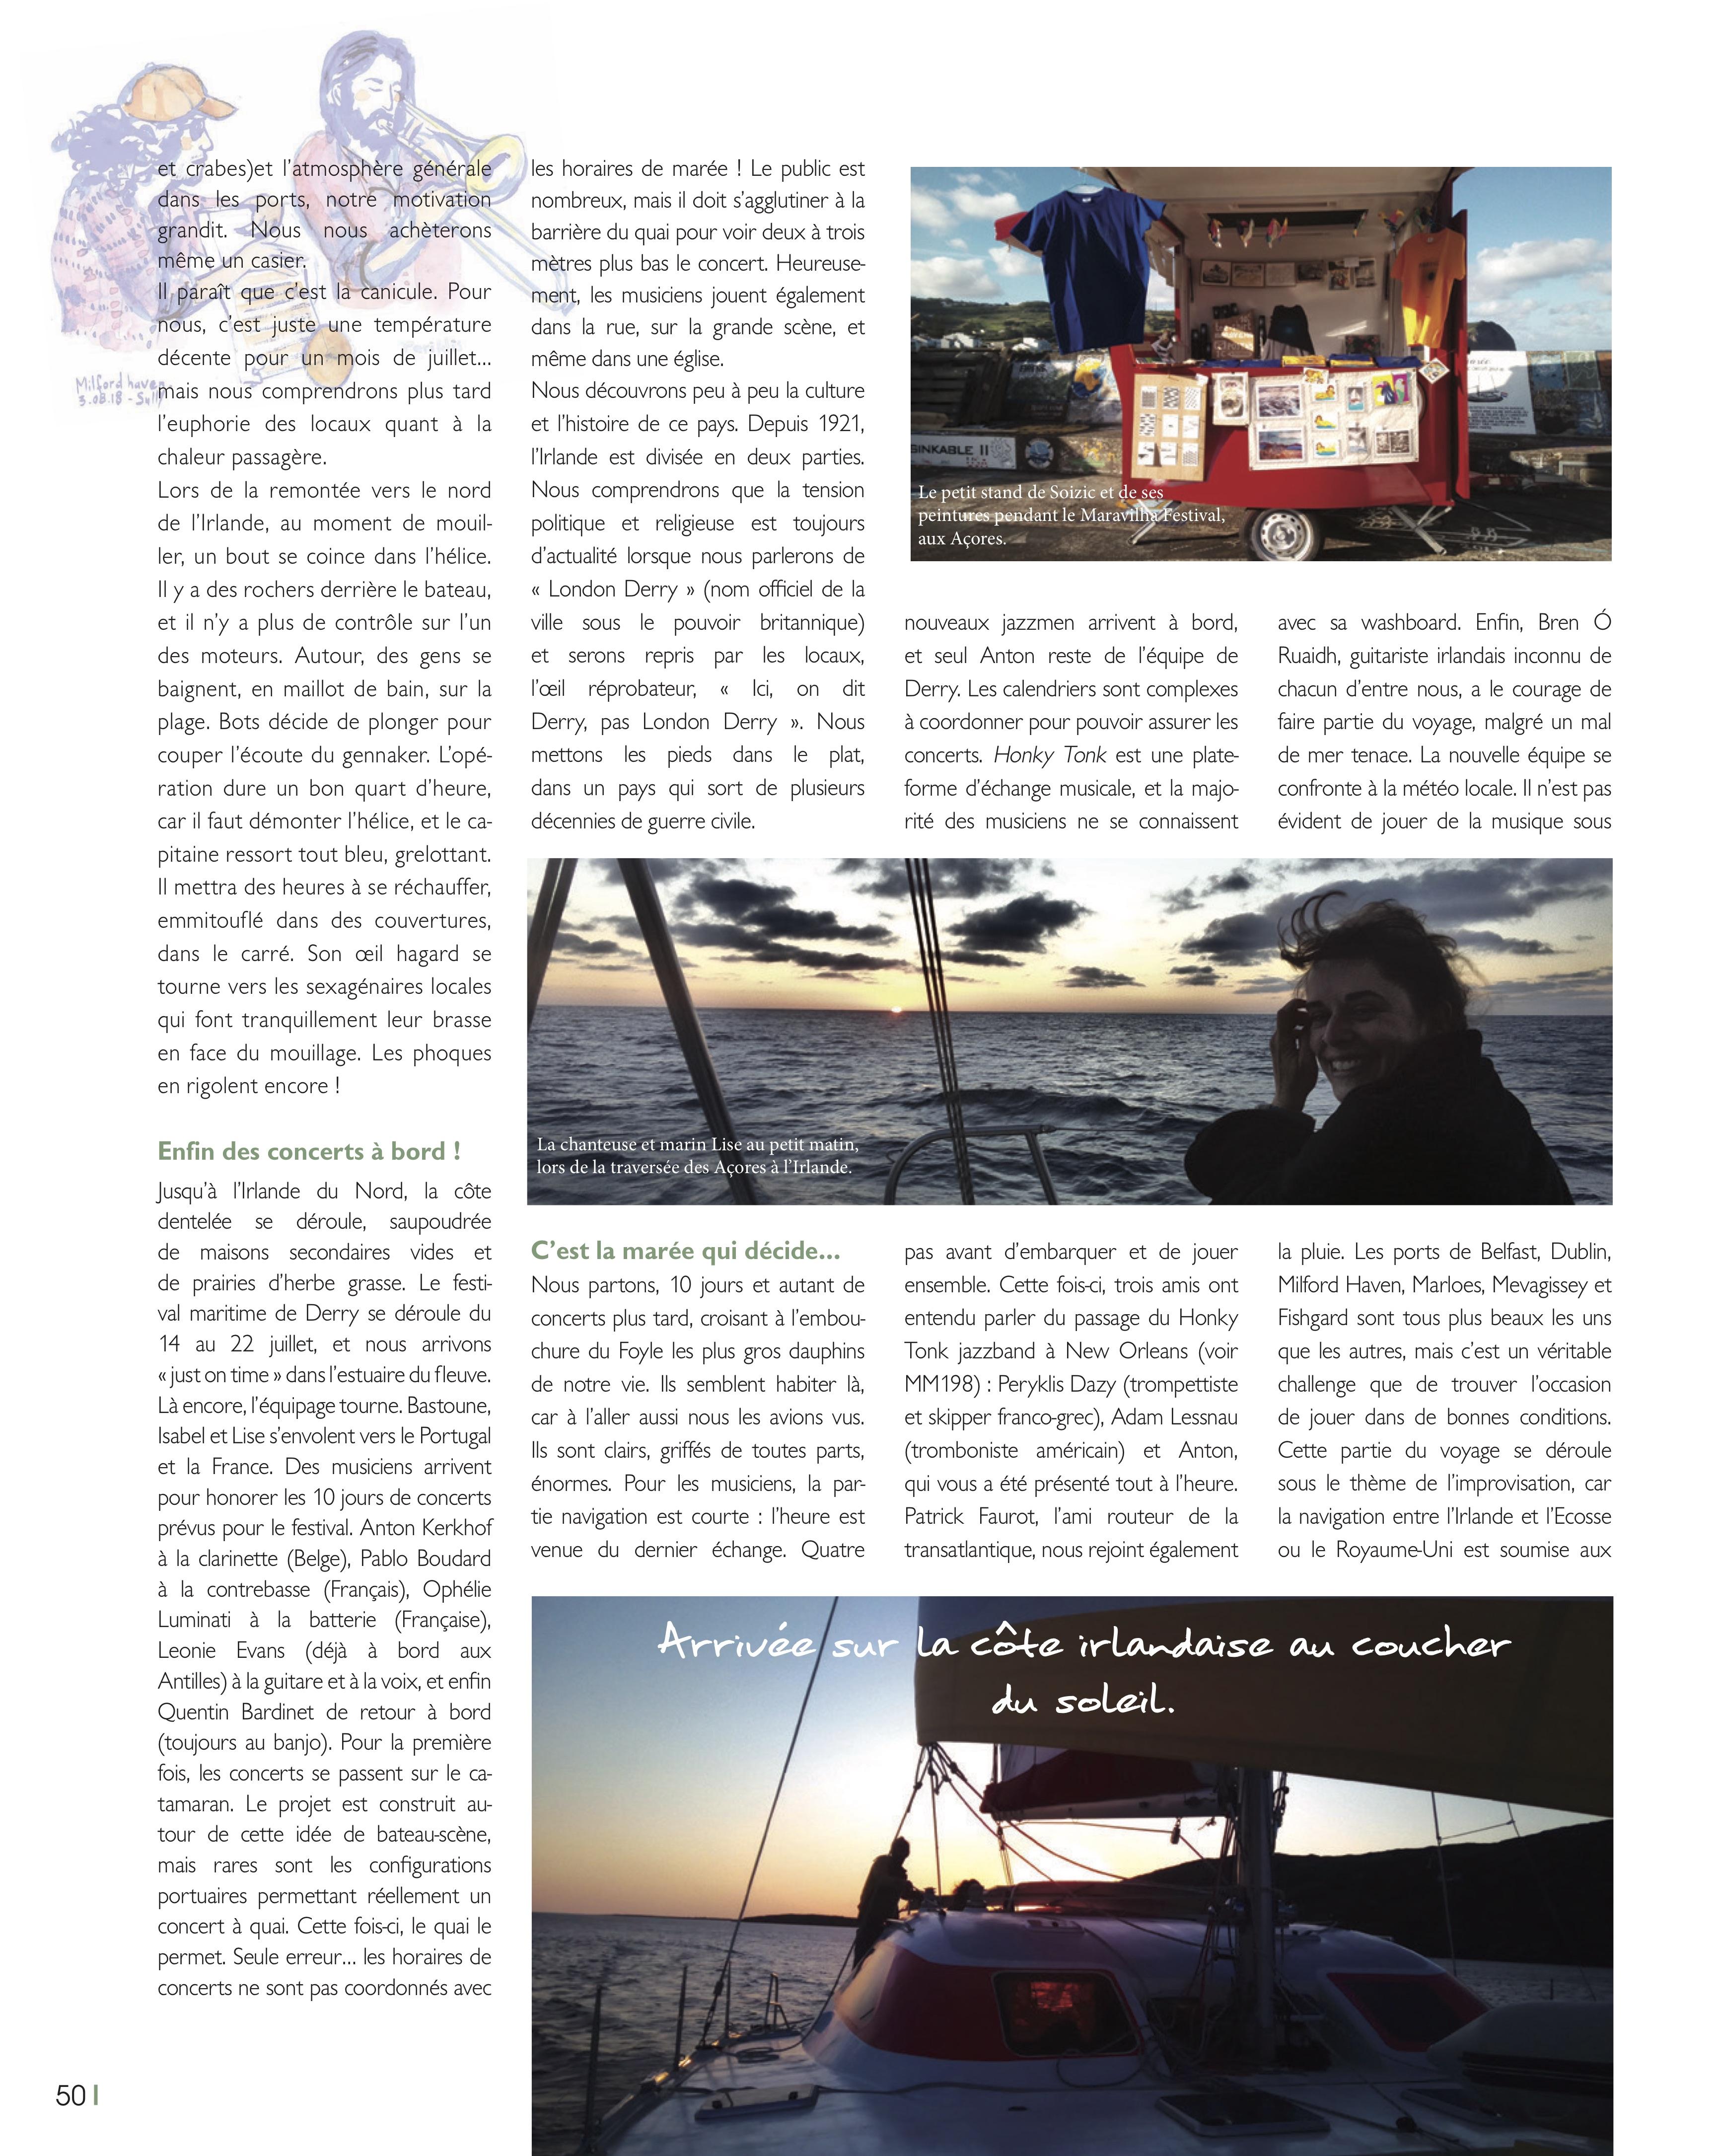 Multicoque mag #201 - printemps 2020 - p.5